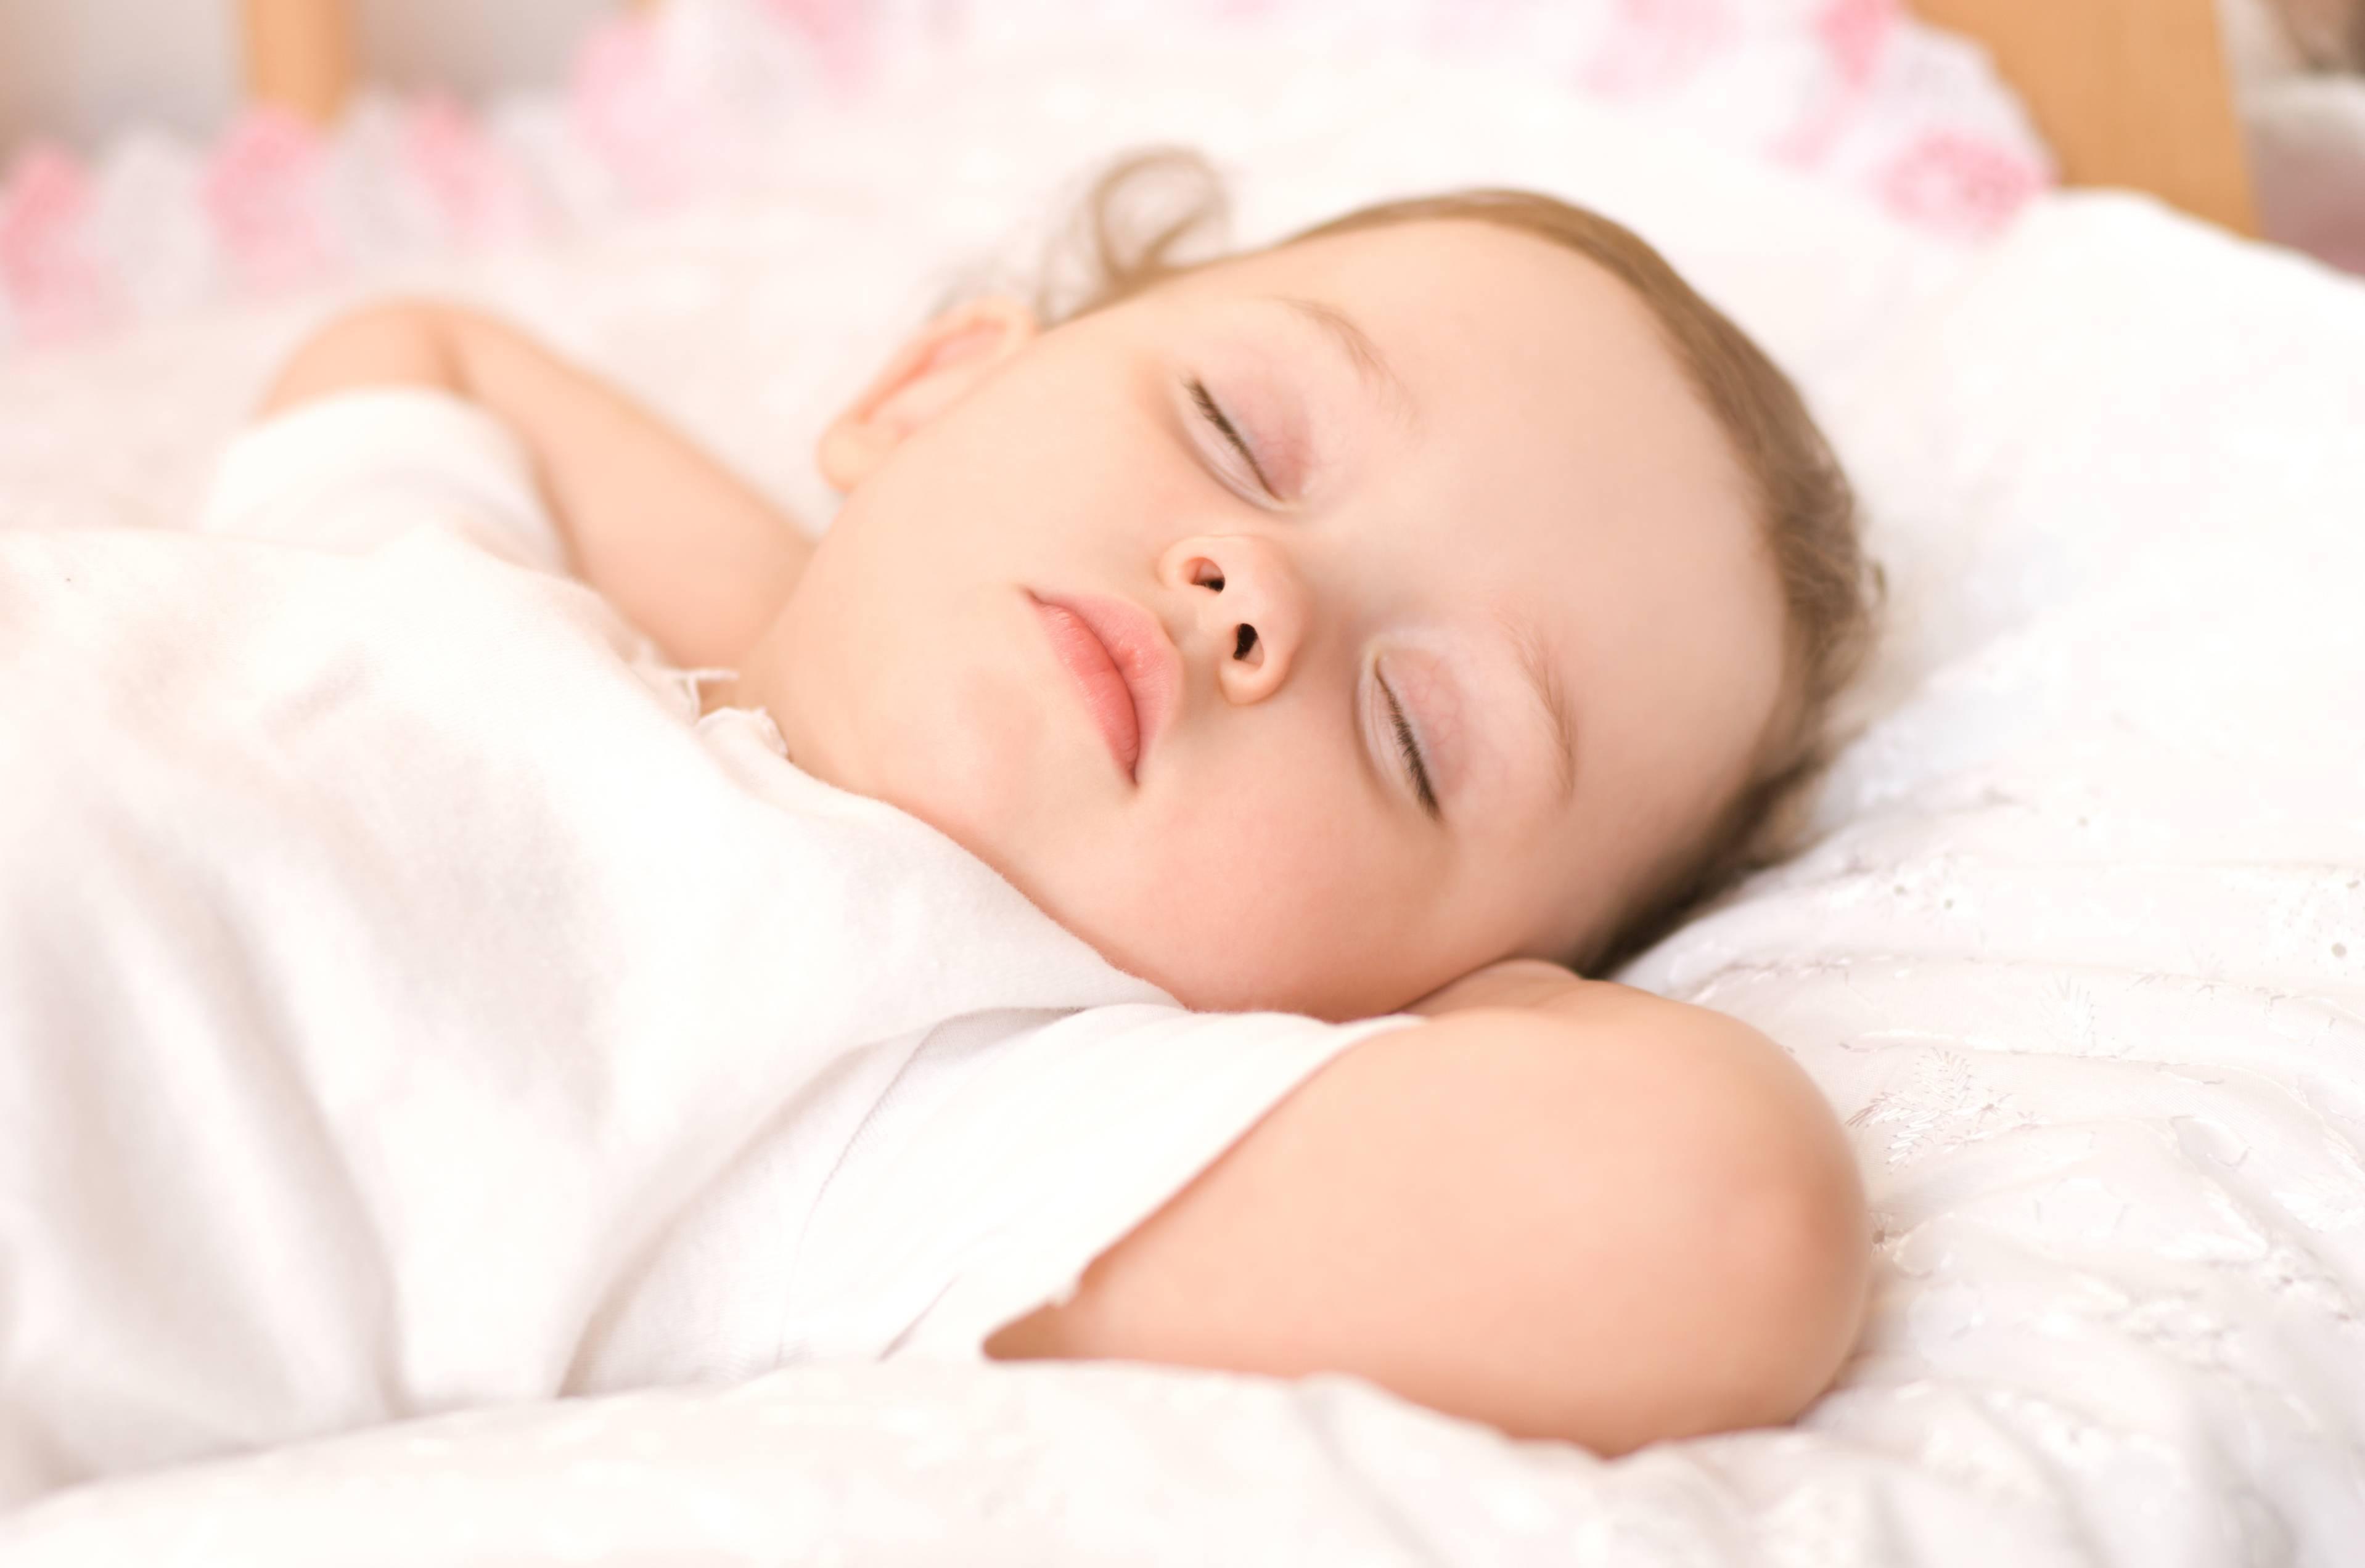 Сон с открытыми глазами причины. почему грудные дети спят с полуоткрытыми глазами, что это значит: причины и способы коррекции